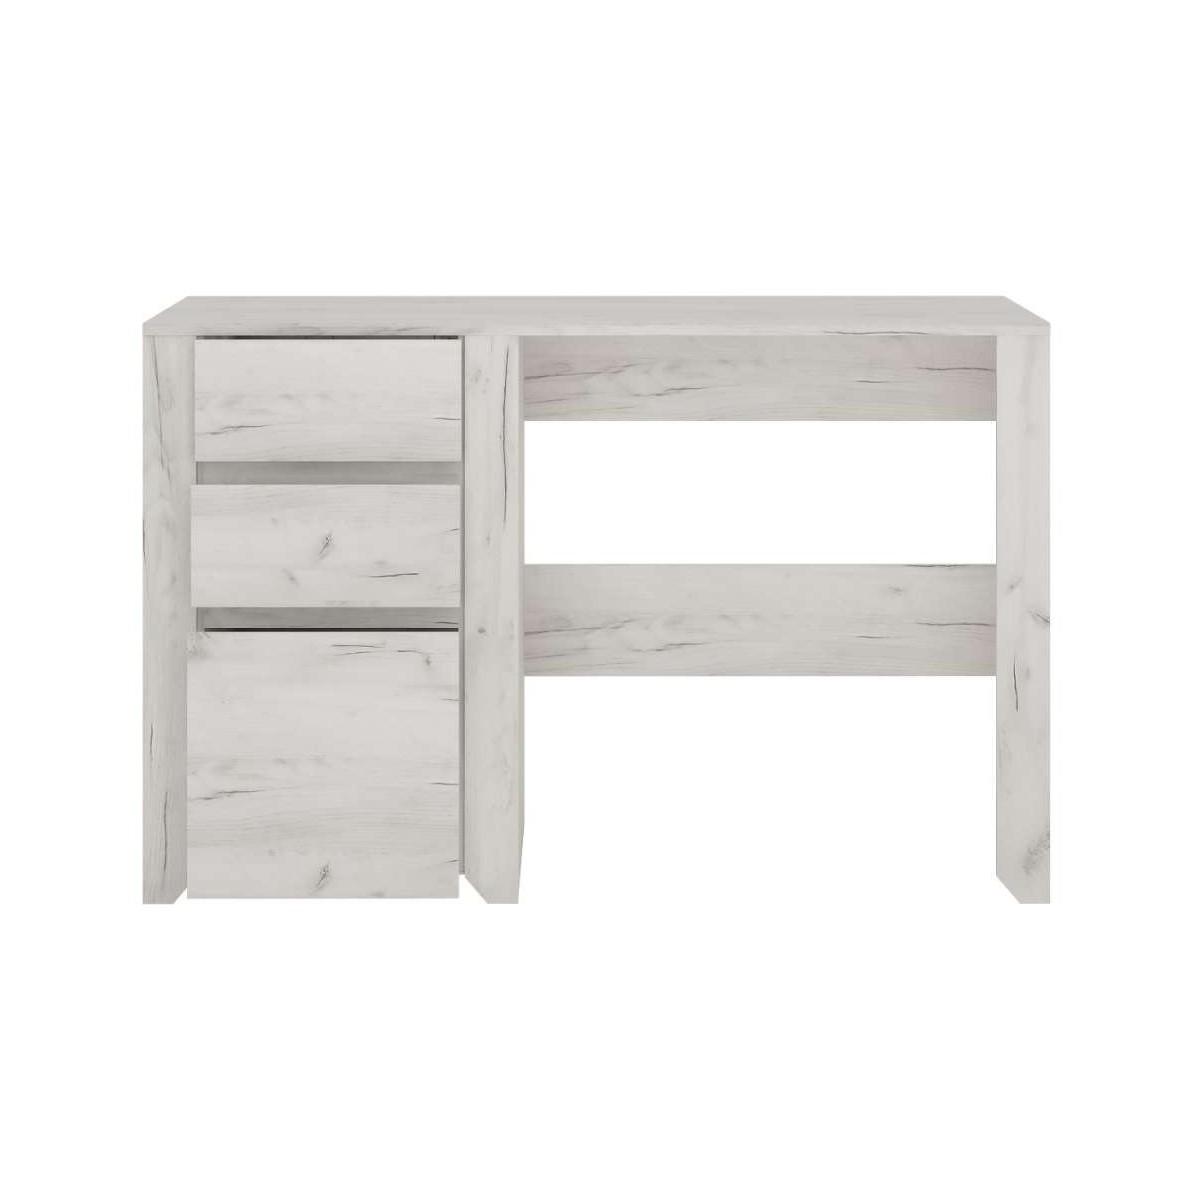 Biurko do pokoju młodzieżowego Dąb White Craft, Angel Typ 80